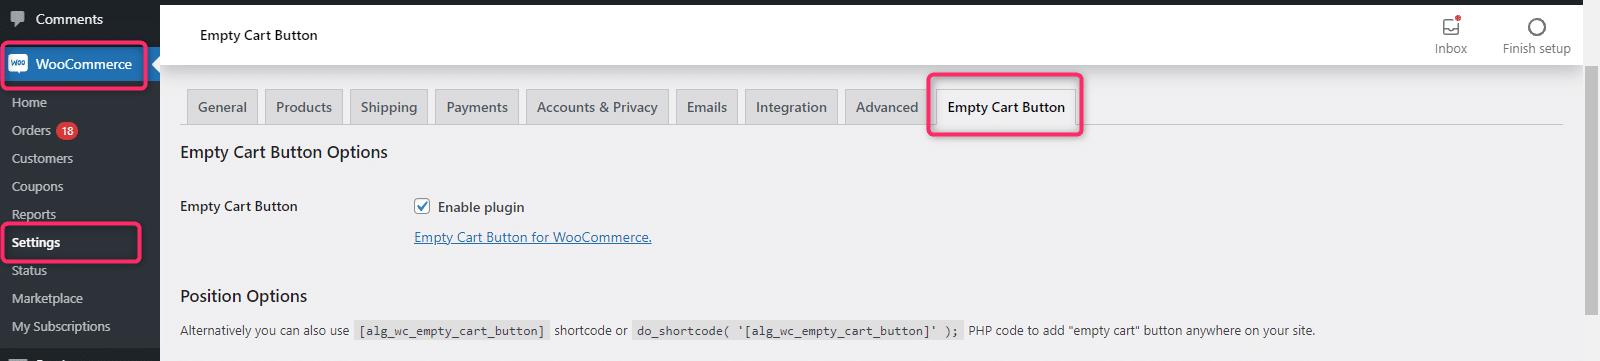 ecbfwc-admin-setting-tab